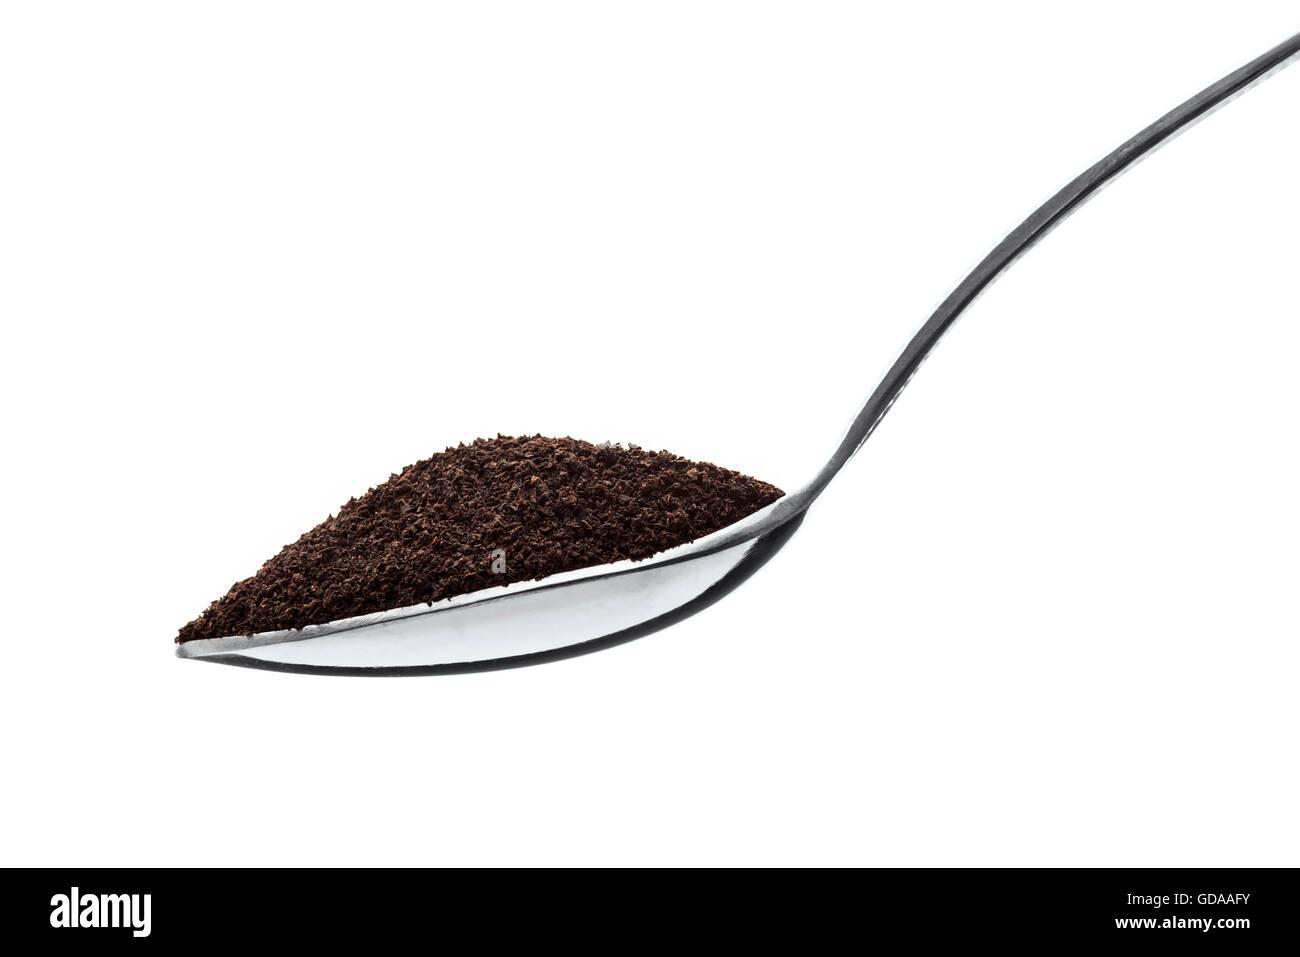 Nahaufnahme der Teelöffel voll von schwarzem Staub Tee, Isolated on White Background Stockbild